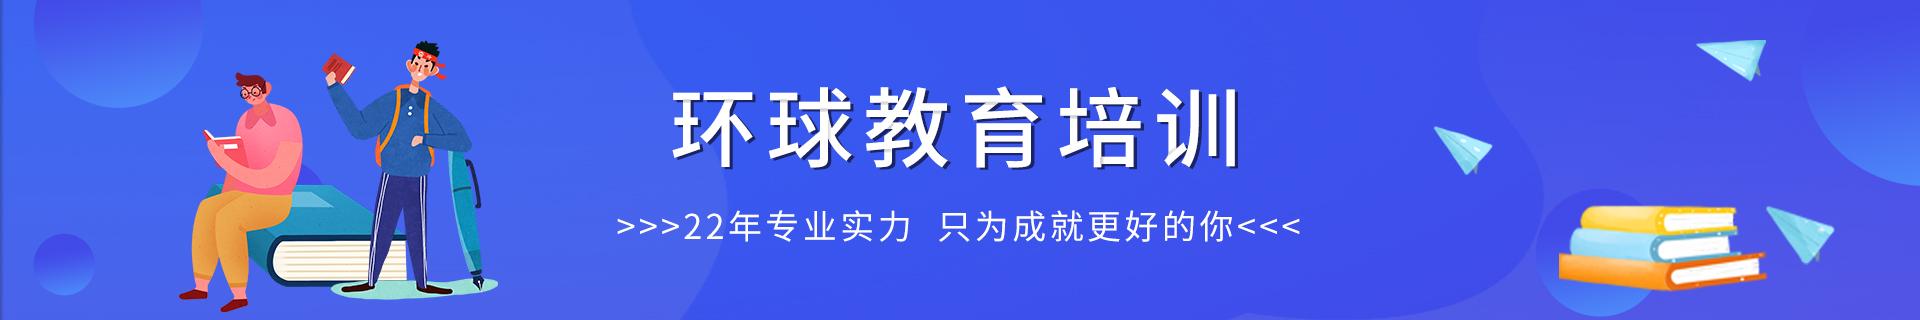 中山市东区环球教育培训机构